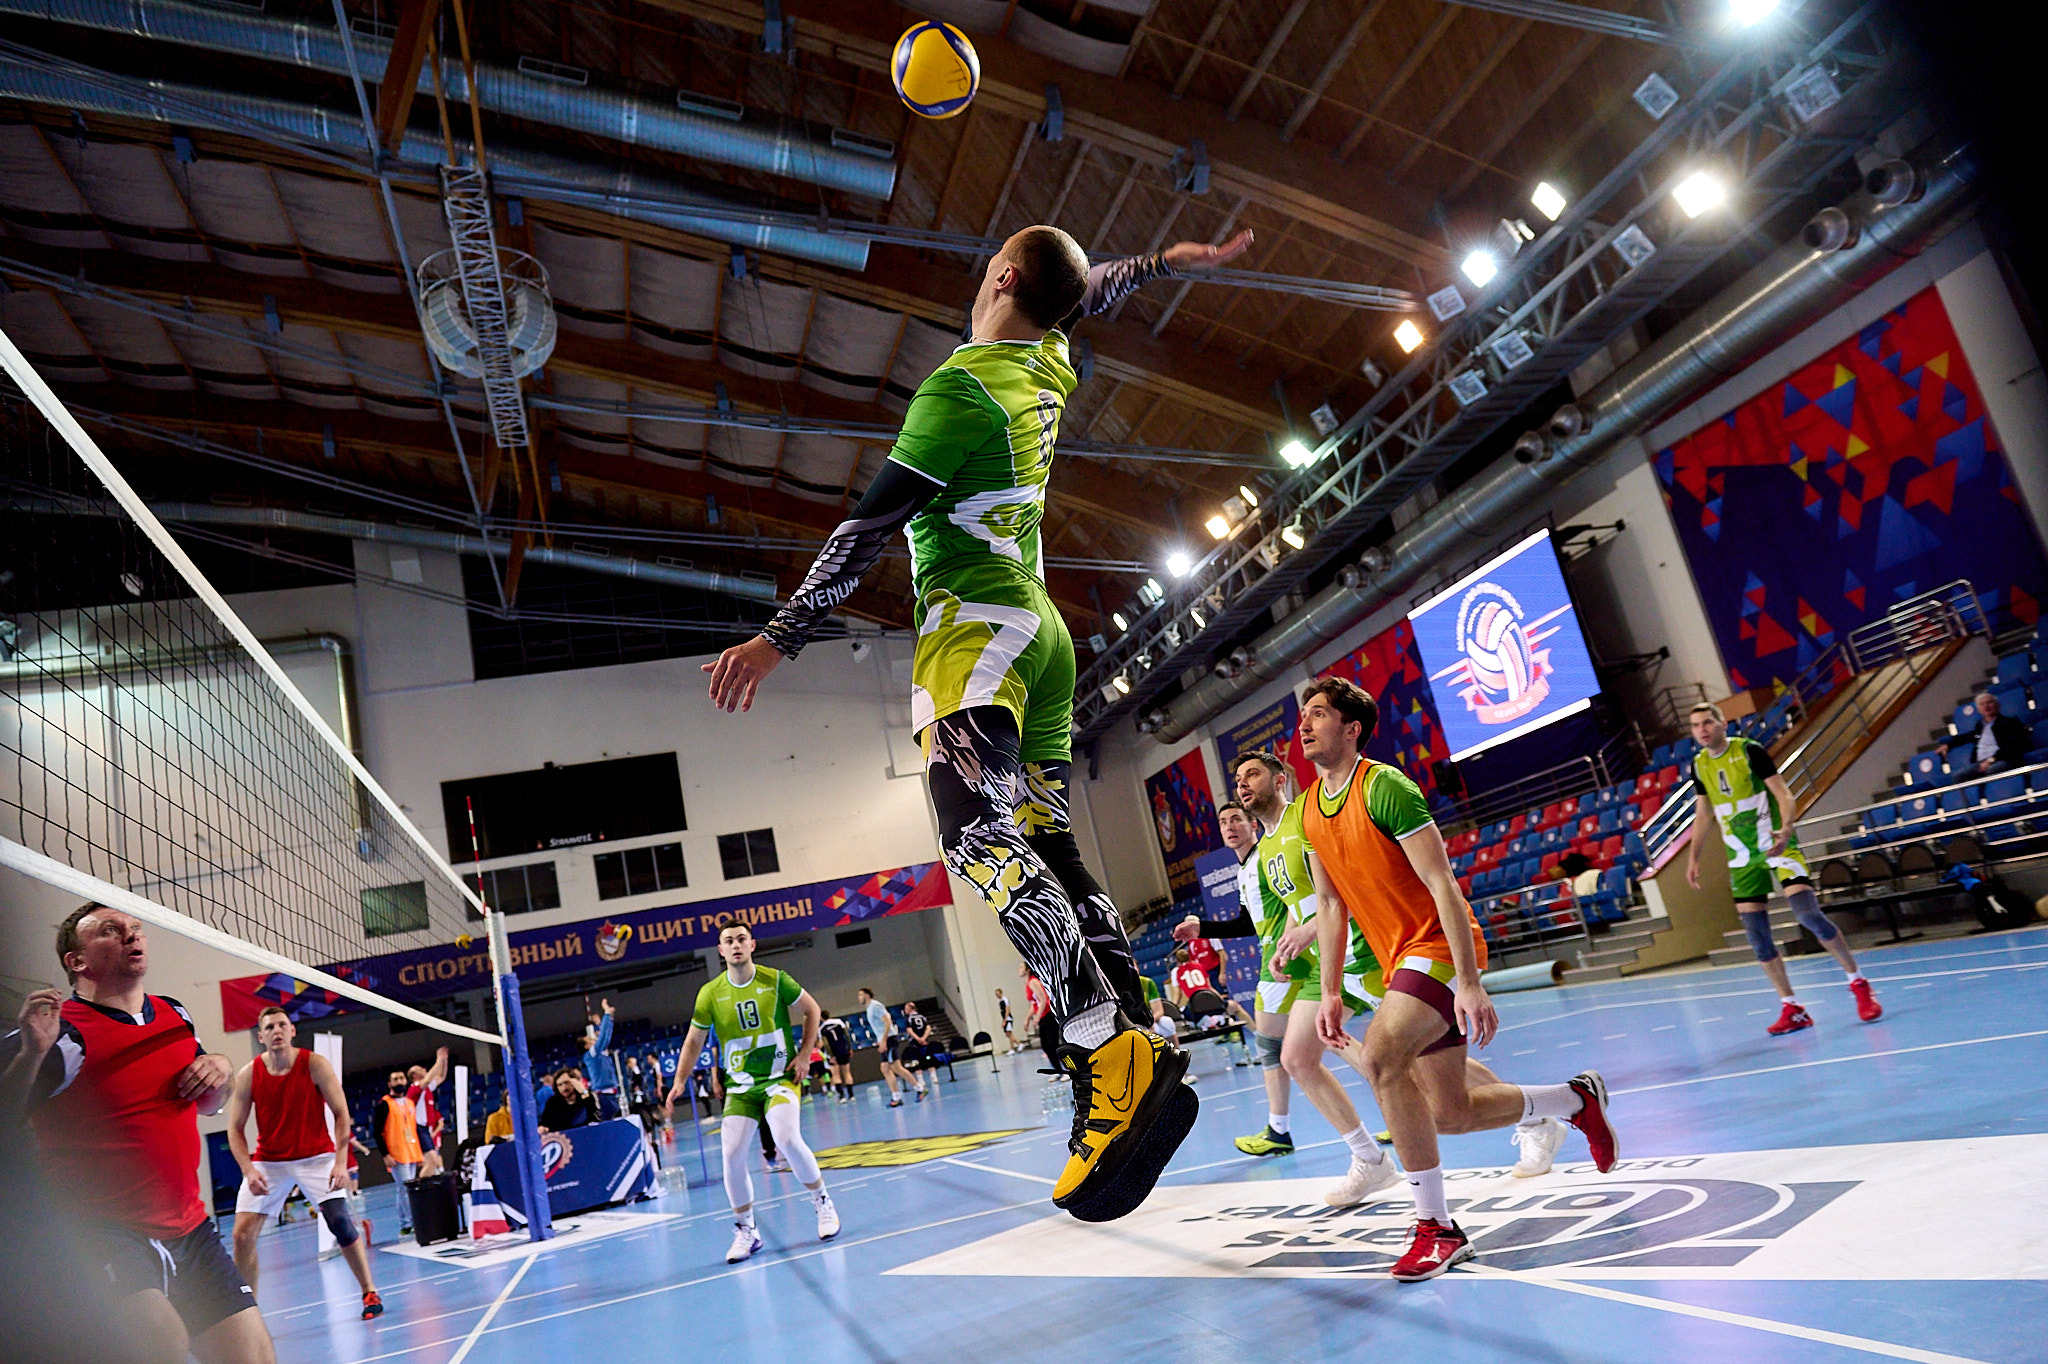 Волейбольная лига «Трудовые Резервы» открыла прием заявок для команд на участие в осеннем сезоне Чемпионата